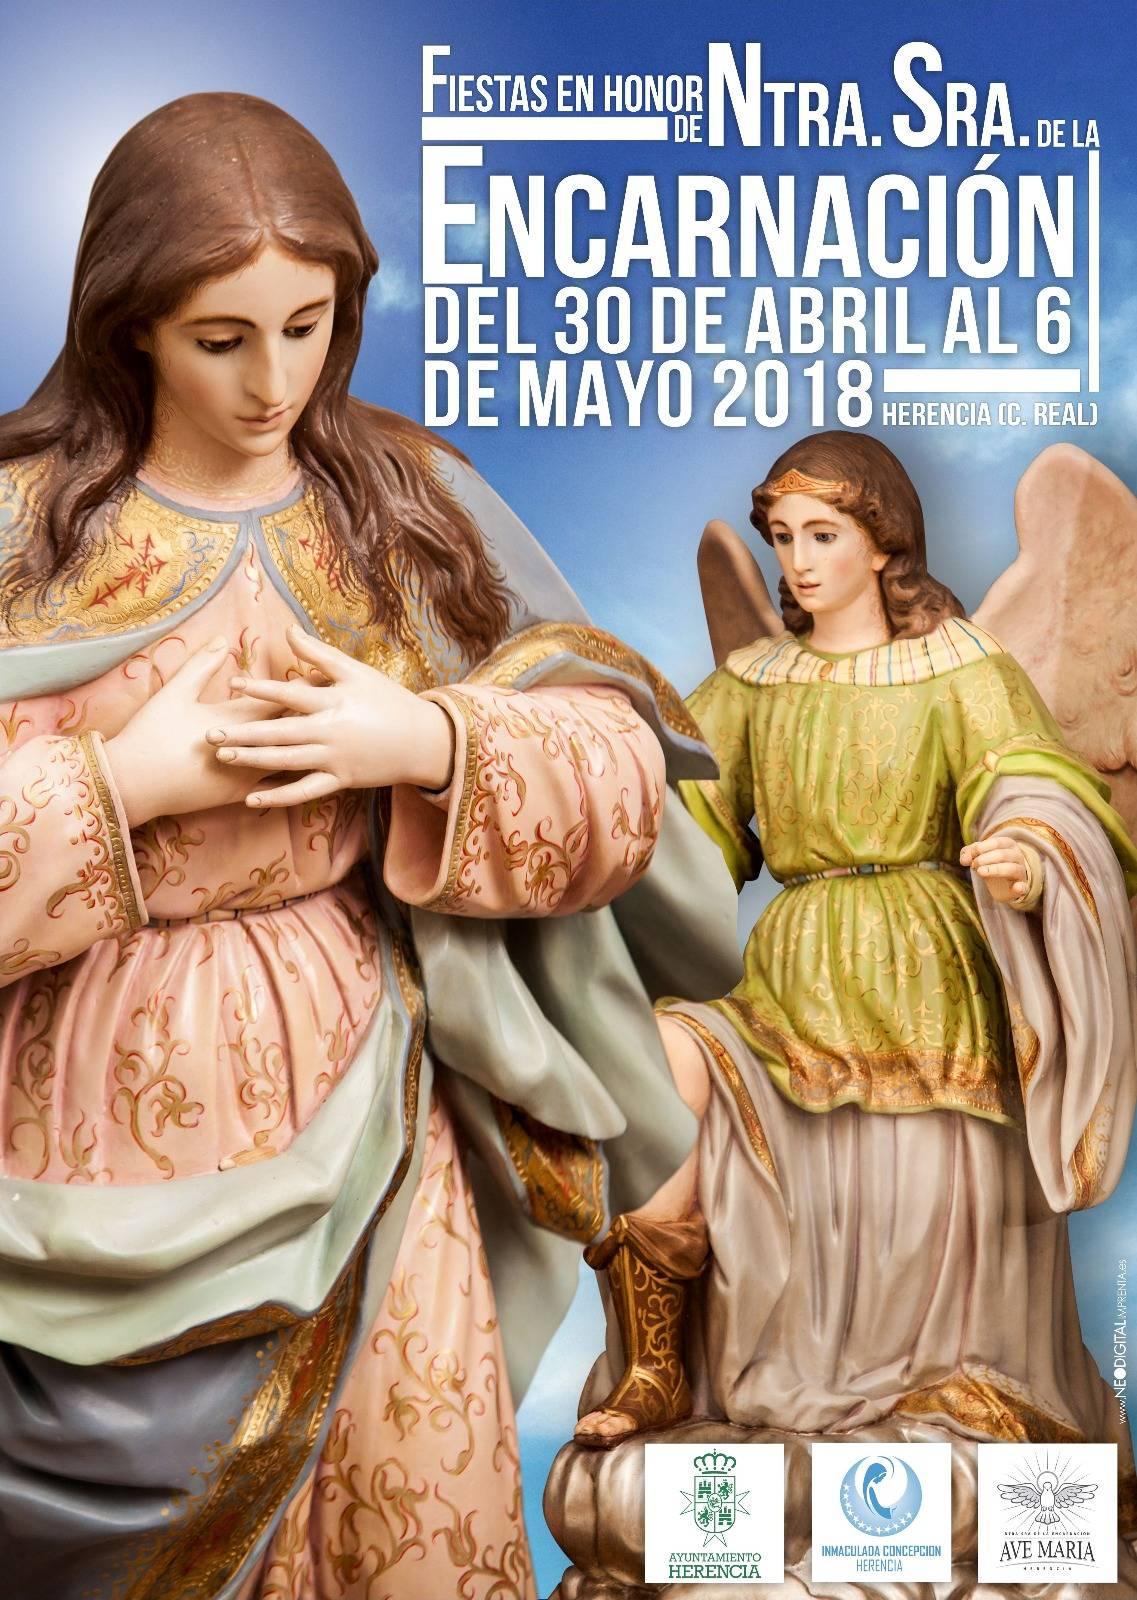 Fiestas en honor a Nuestra Señora de la Encarnacion en Herencia - Fiestas en honor a Nuestra Señora de la Encarnación en Herencia